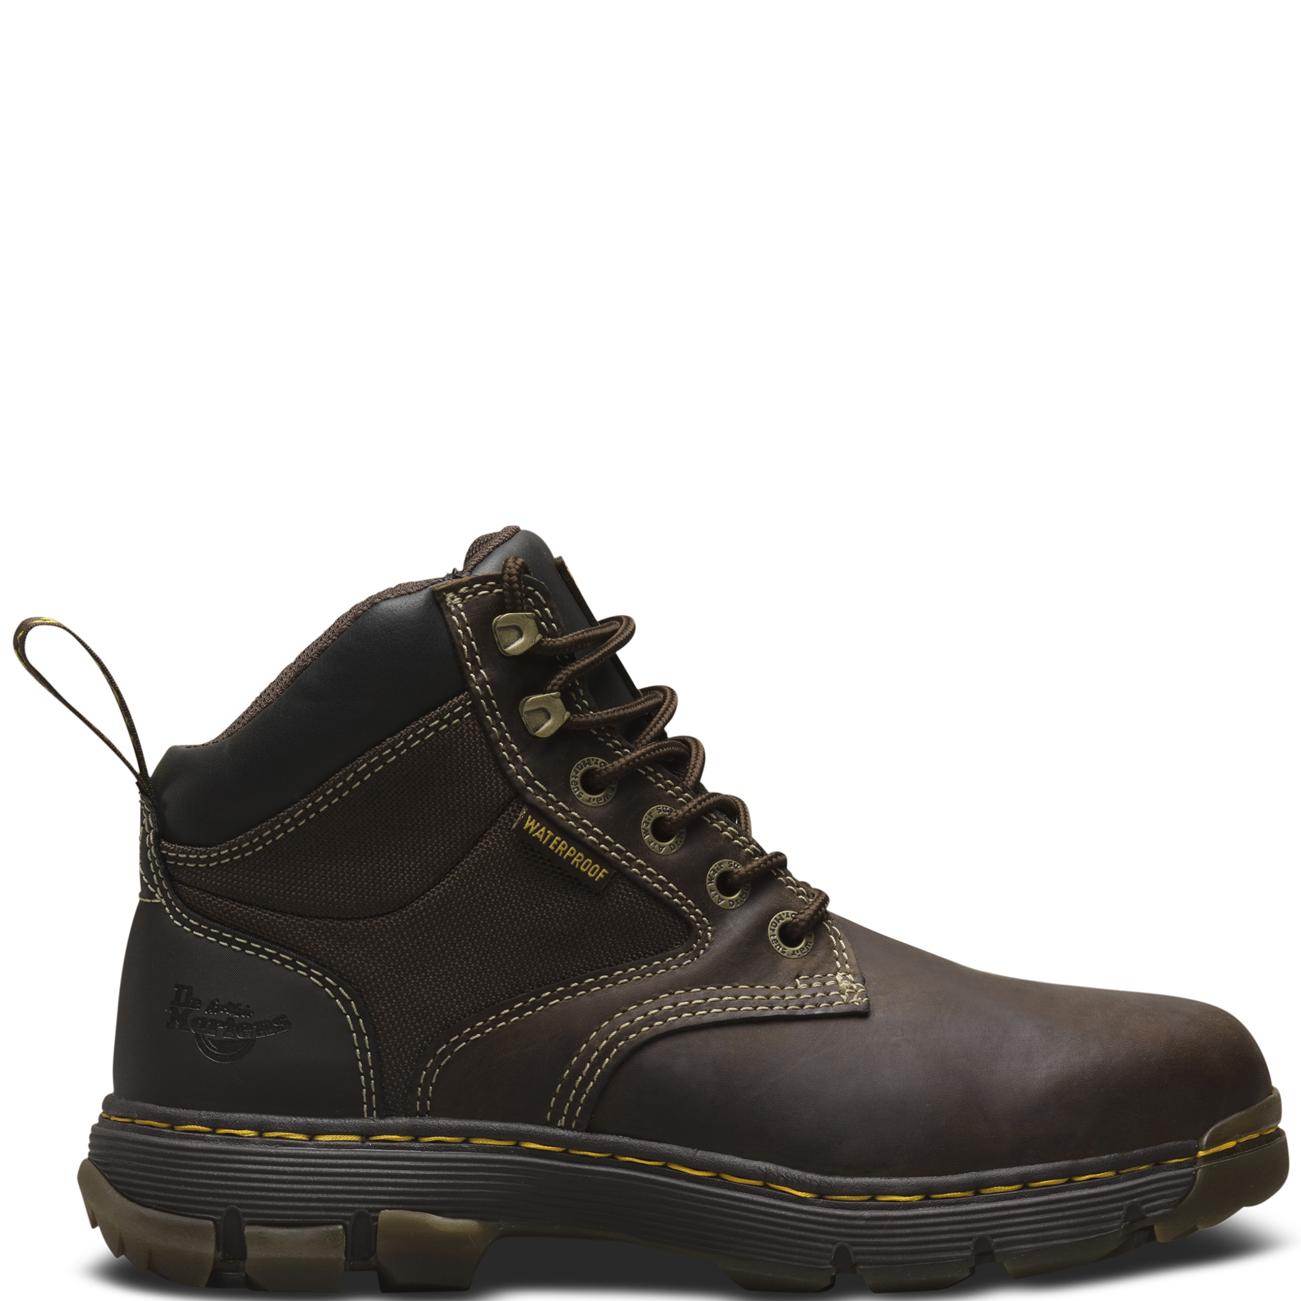 Dr Martens unisex caminar Holford pioneer original permanente caminar unisex botas UE 36-46 425a1a